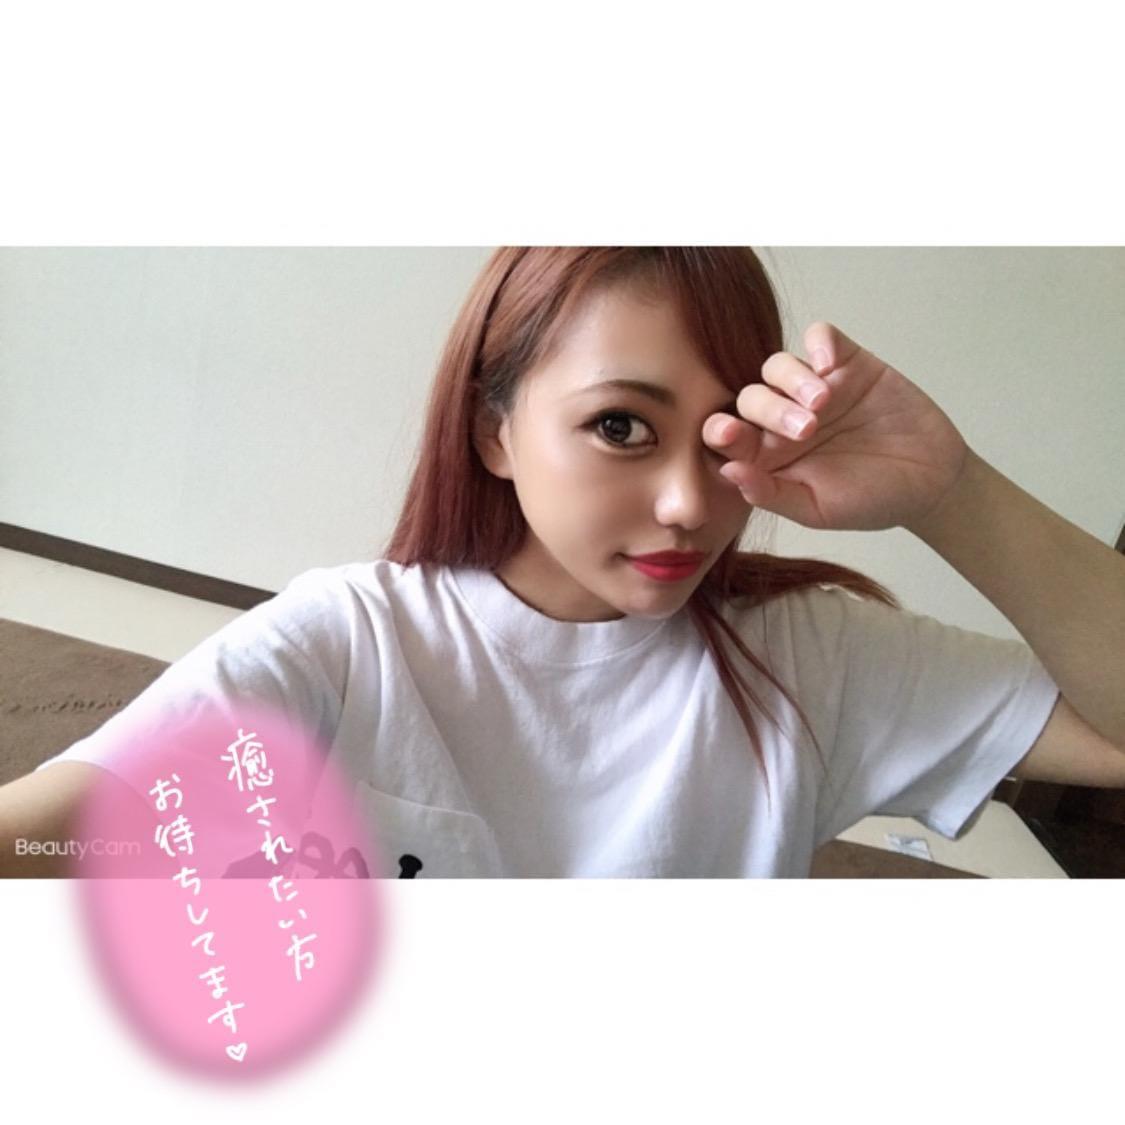 「お誘い♡」07/05(07/05) 18:05   桜木みおの写メ・風俗動画